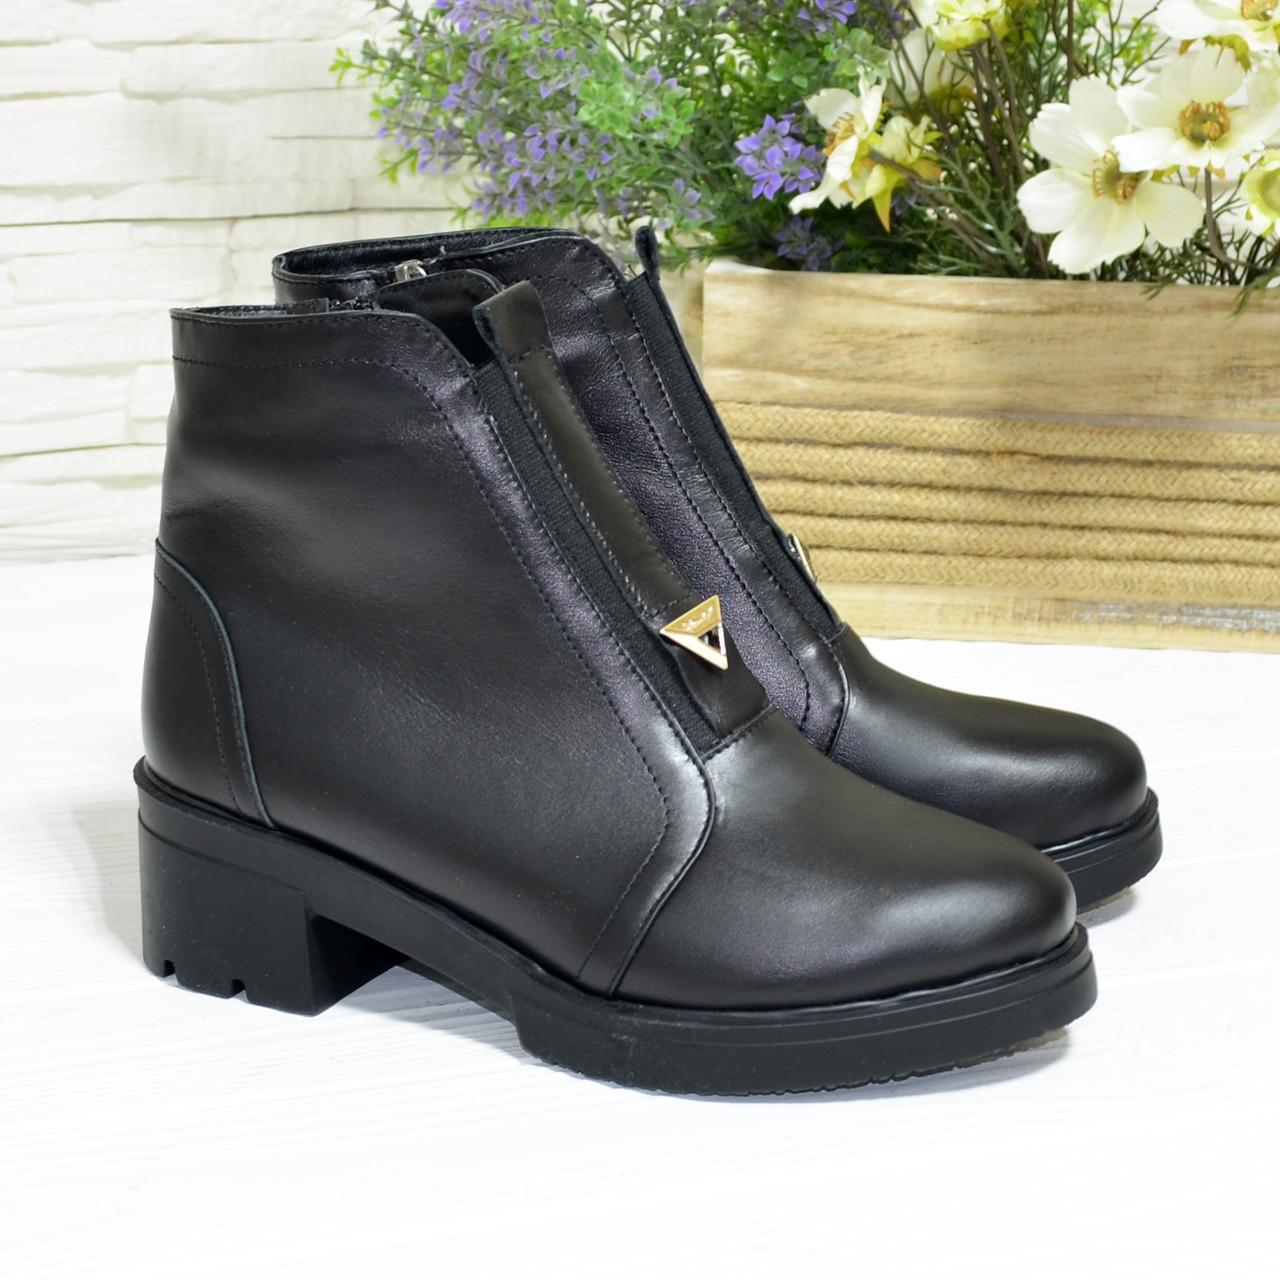 Полуботинки женские кожаные на невысоком каблуке, цвет черный